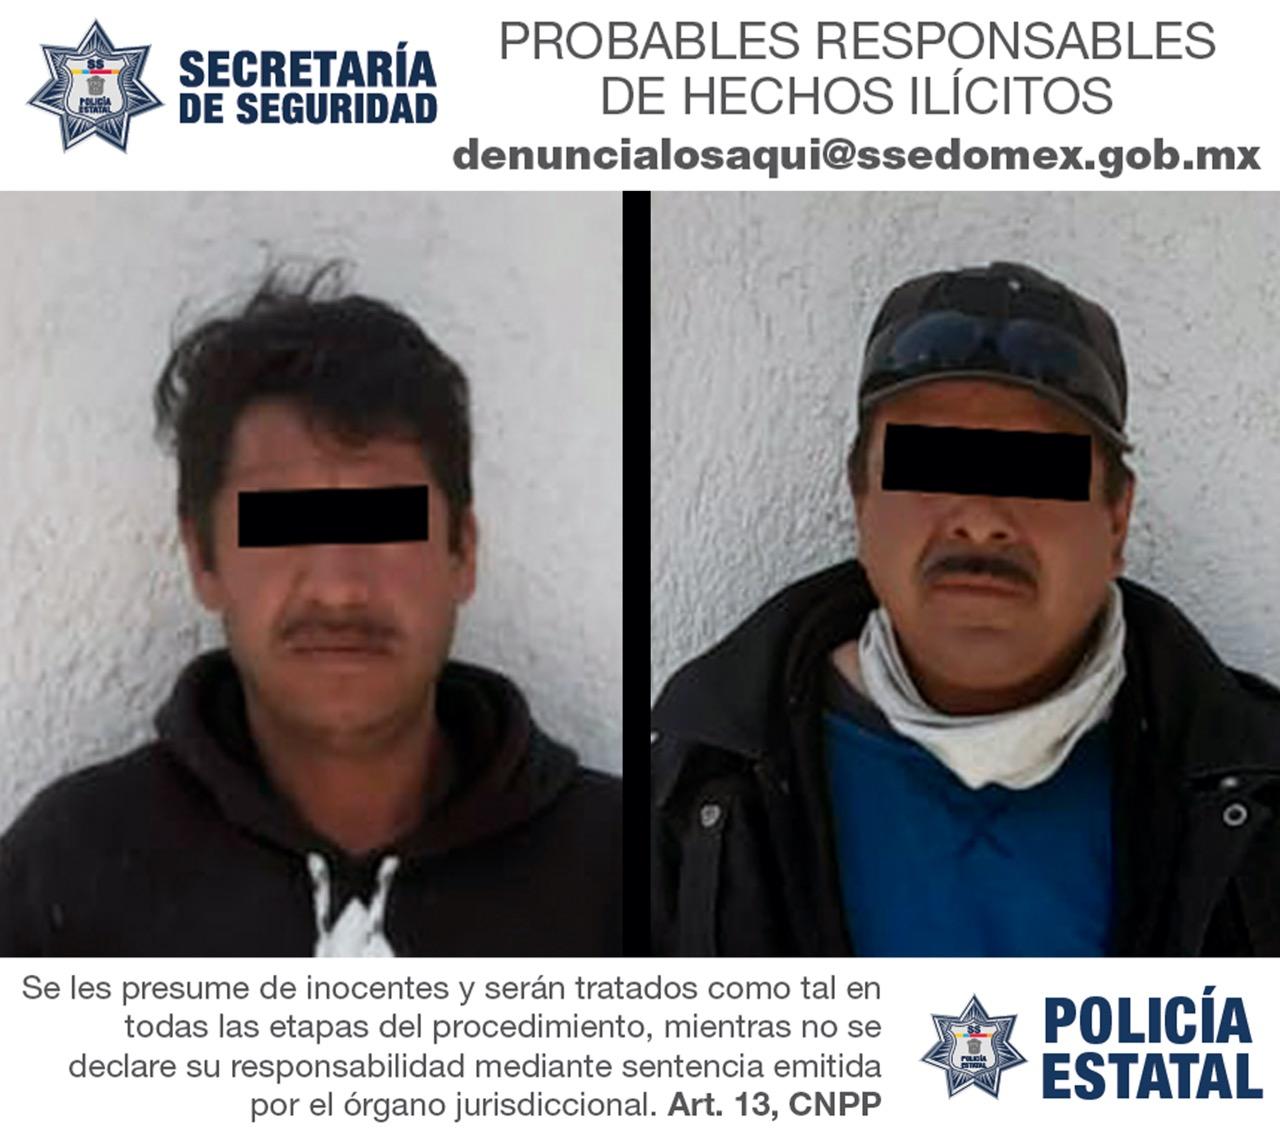 DETIENEN A DOS SUJETOS POR PORTACIÓN ILEGAL DE ARMA DE FUEGO EN CALIMAYA